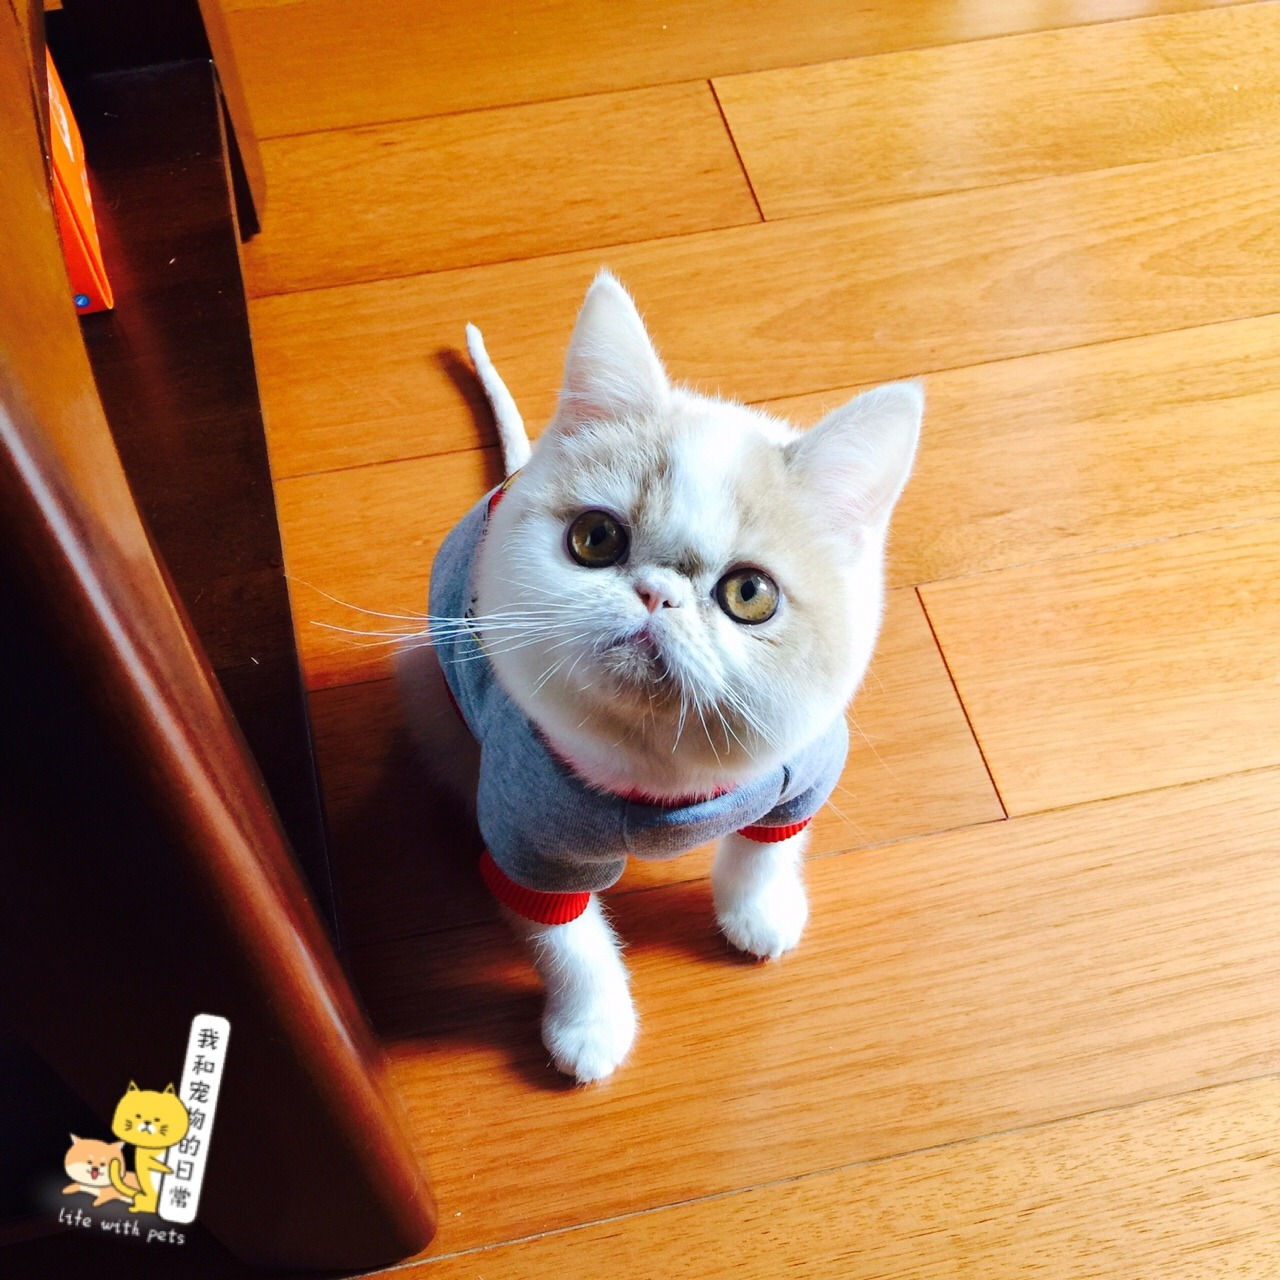 一个蠢萌蠢萌的加菲猫 记得刚买回来时猫藓 鼻支 肠胃等问题 让我这个